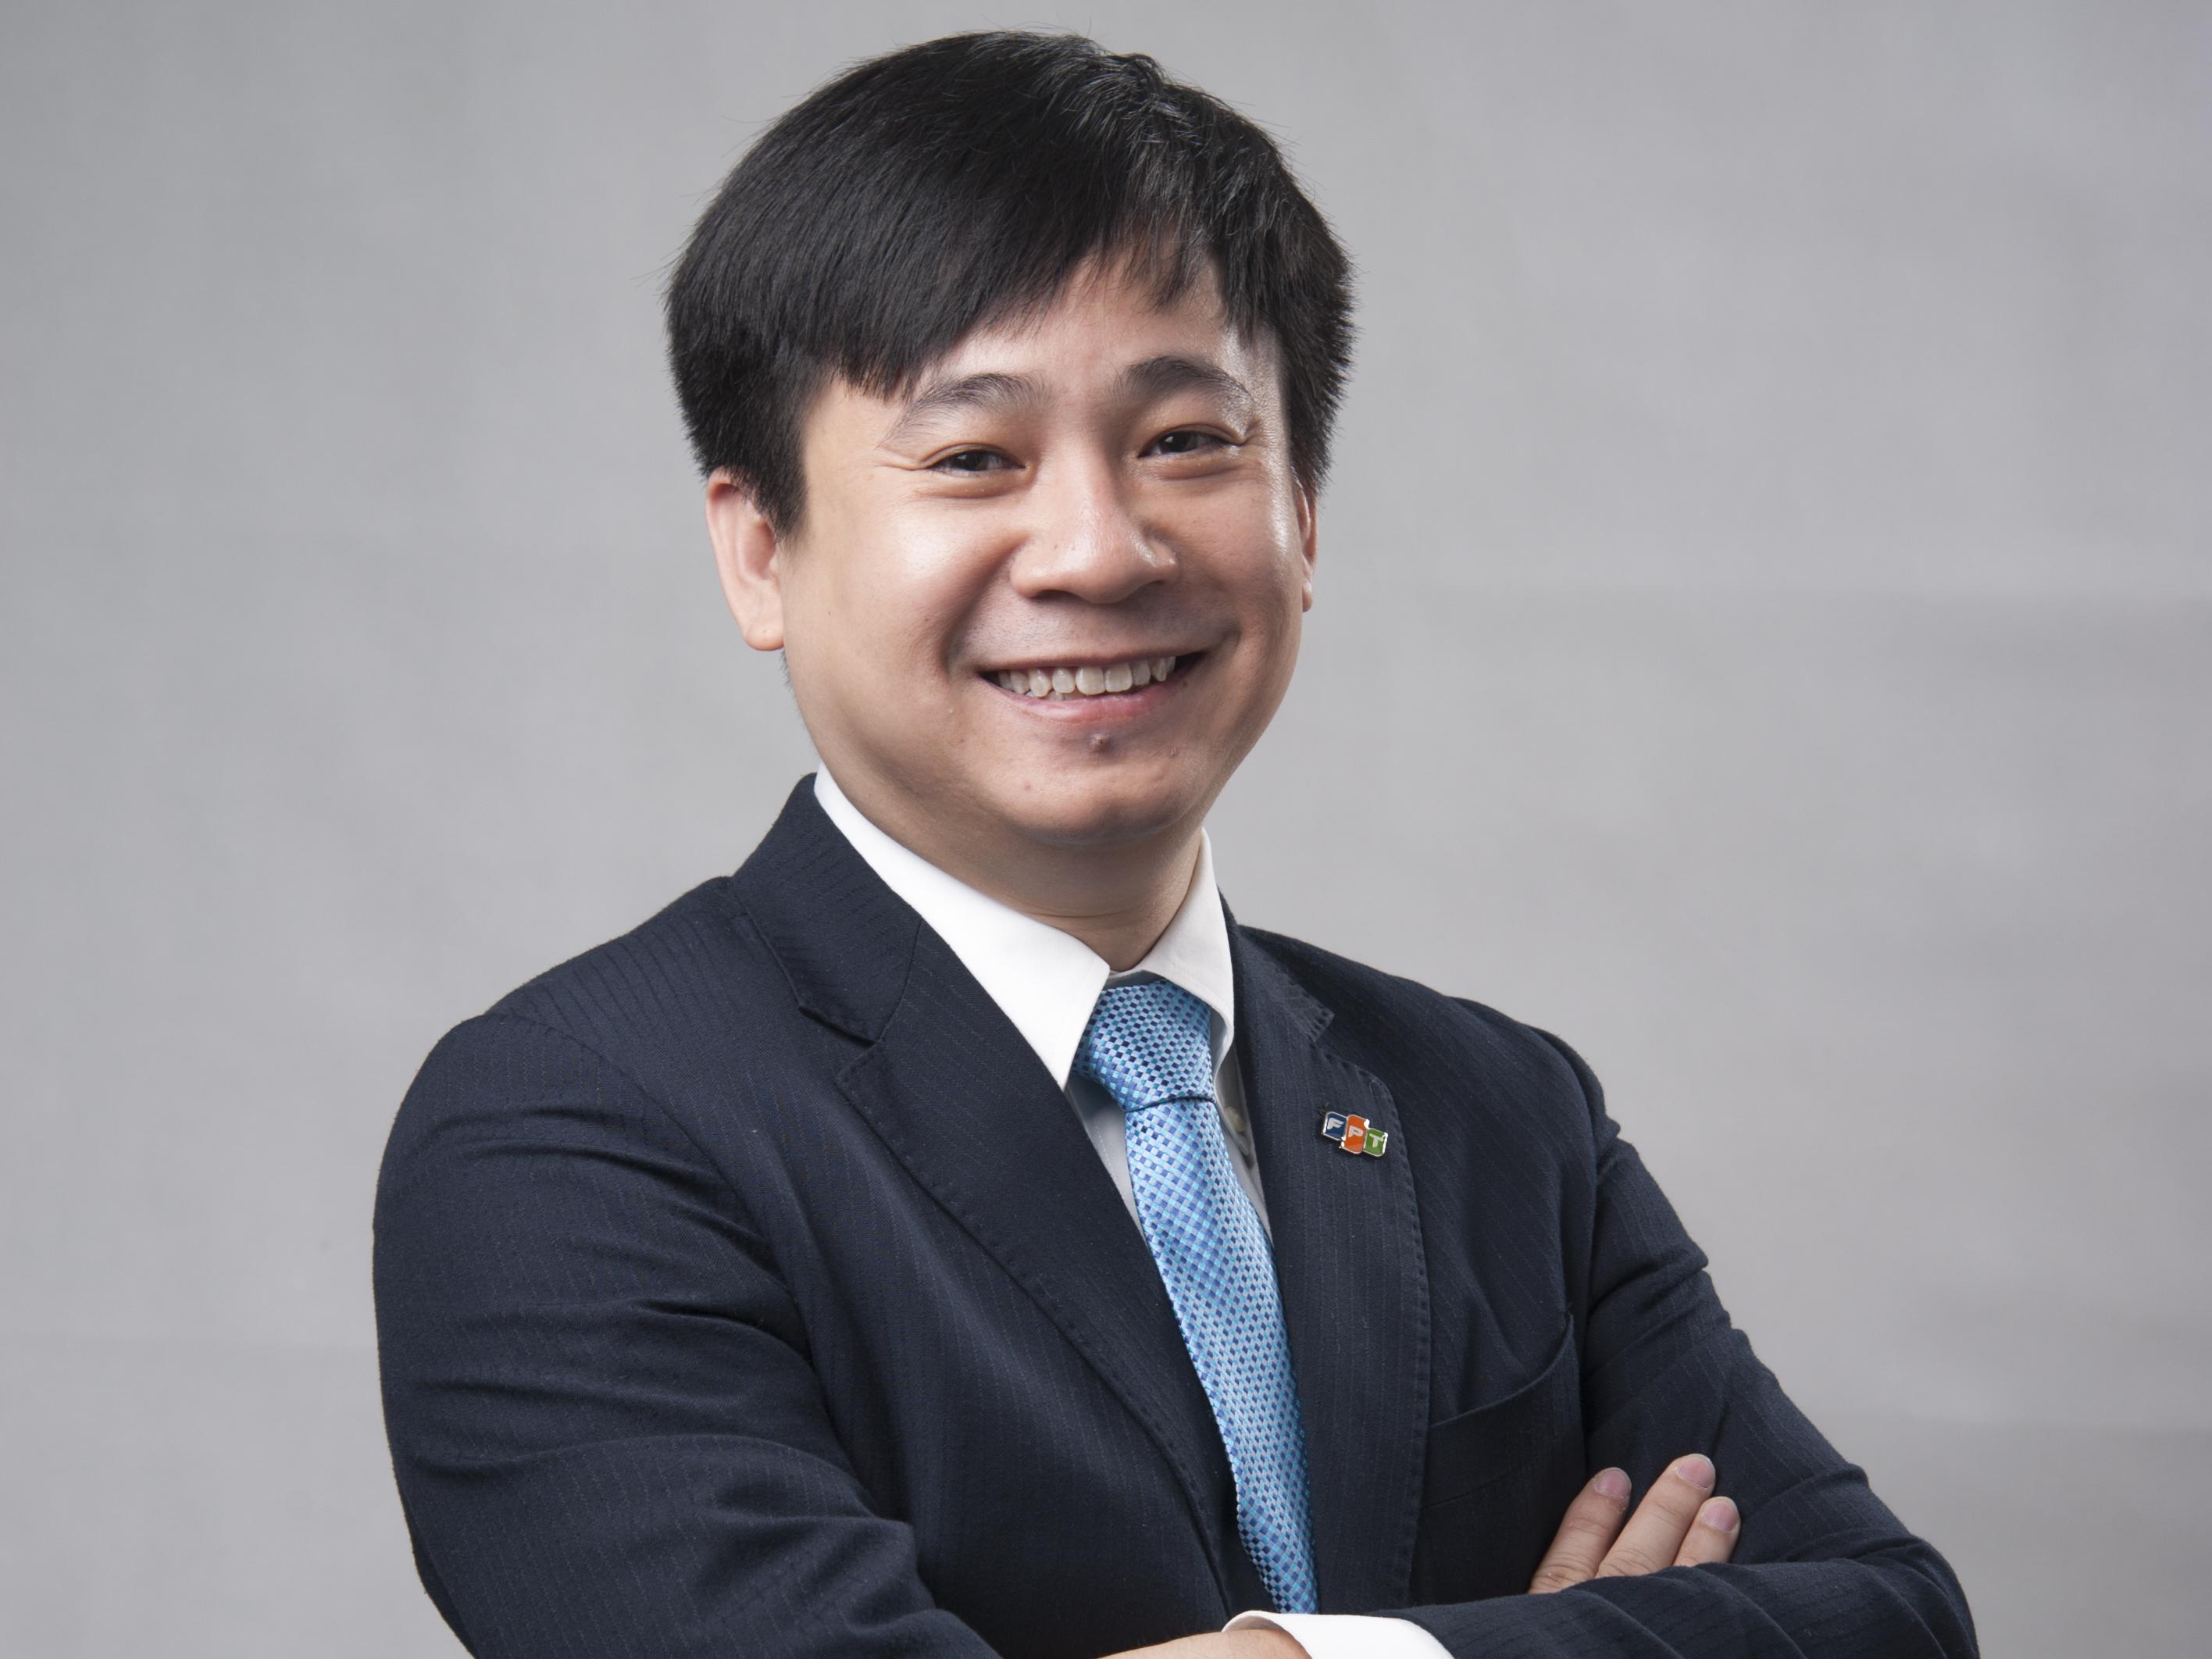 Giám đốc Công nghệ Tập đoàn Lê Hồng Việt Anh Lê Hồng Việt hiện đang làm Giám đốc Công nghệ Tập đoàn FPT. Với nền tảng kỹ thuật vững chắc cùng kinh nghiệm làm việc phong phú tại nhiều quốc gia trên thế giới, anh là một trong những người đặt nền móng cho việc ứng dụng và phát triển những công nghệ mới tại FPT như: Điện toán đám mây (Cloud Computing), Enterprise Mobility, Big Data... Ở mùa iKhiến trước, anh là vị giám khảo rất cẩn trọng trong khâu chấm điểm. Anh Việt luôn bắt bài thí sinh nhanh nhất và có thể lập tức liên tưởng đến các sáng tạo tương tự để đưa ra đánh giá.